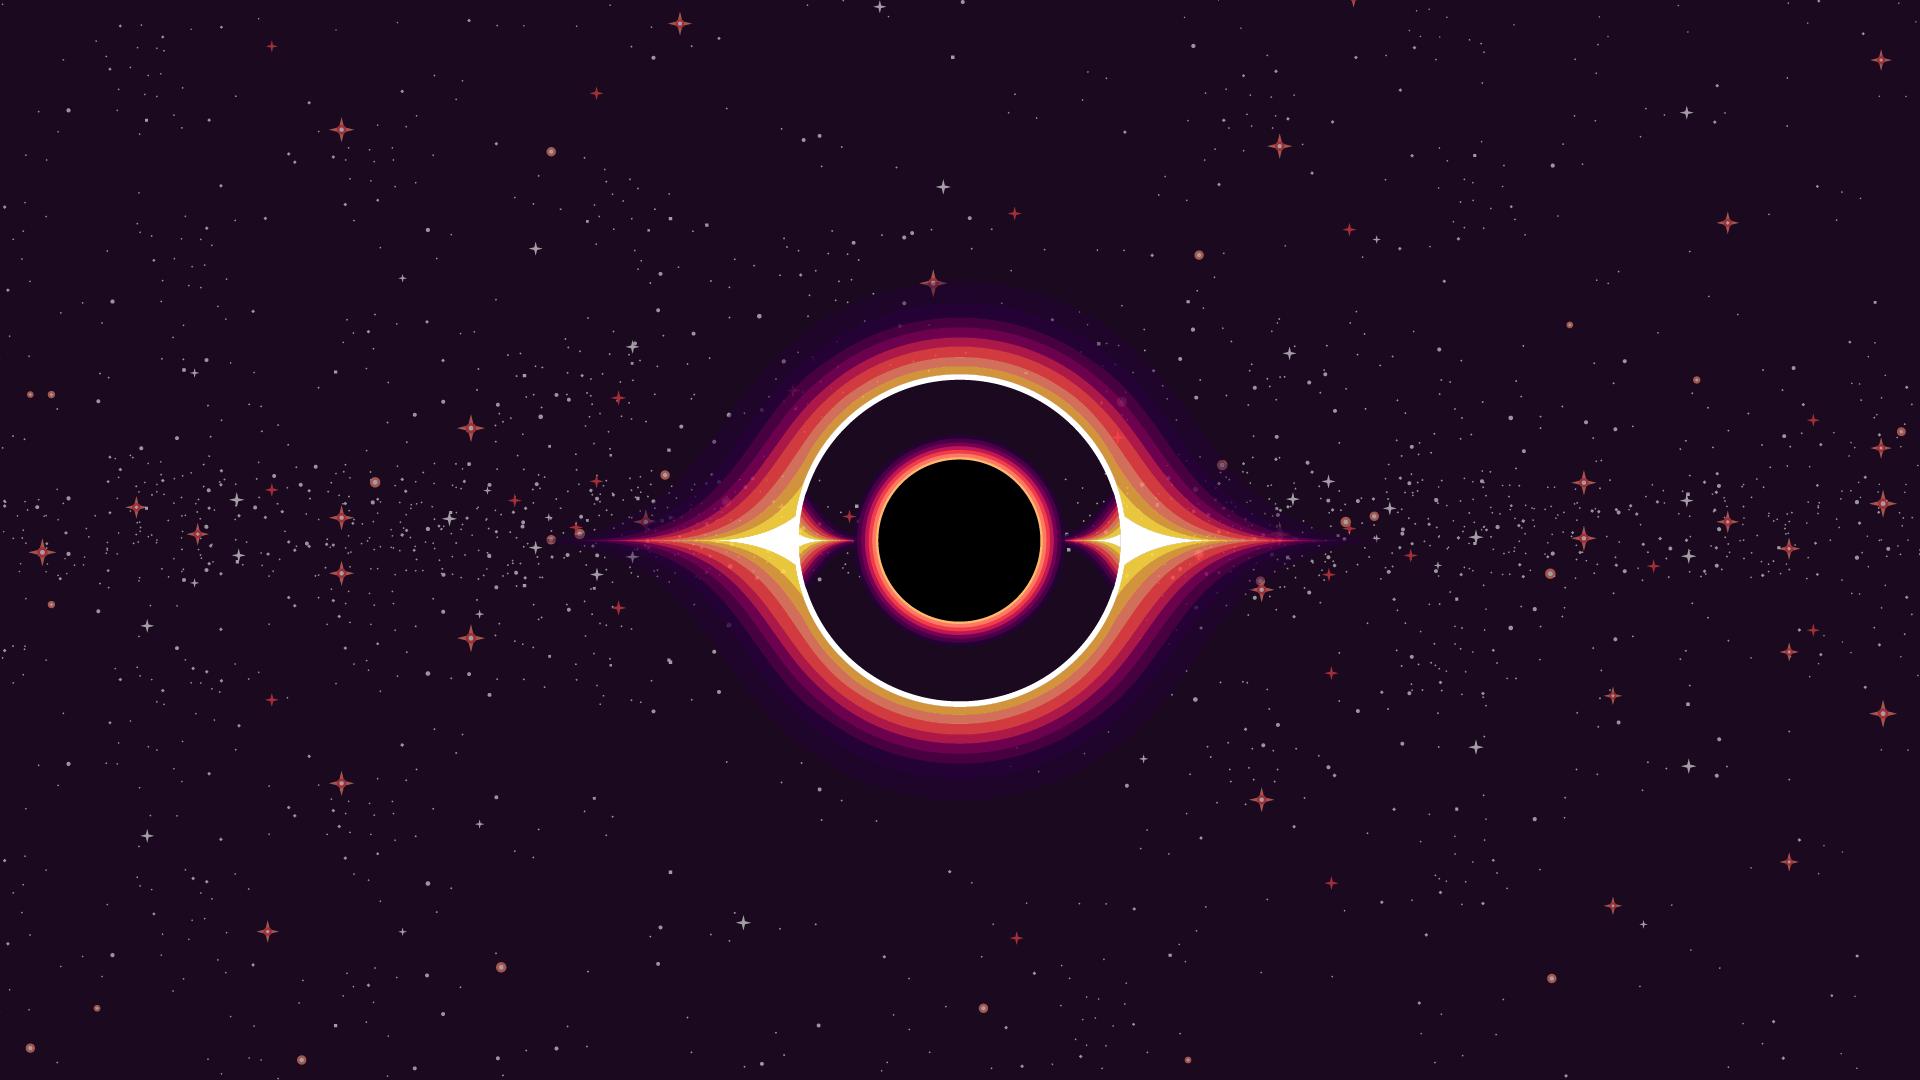 Kurzgesagt U2013 In A Nutshell Black Holes Black Hole Wallpaper Black Hole Wallpaper Space